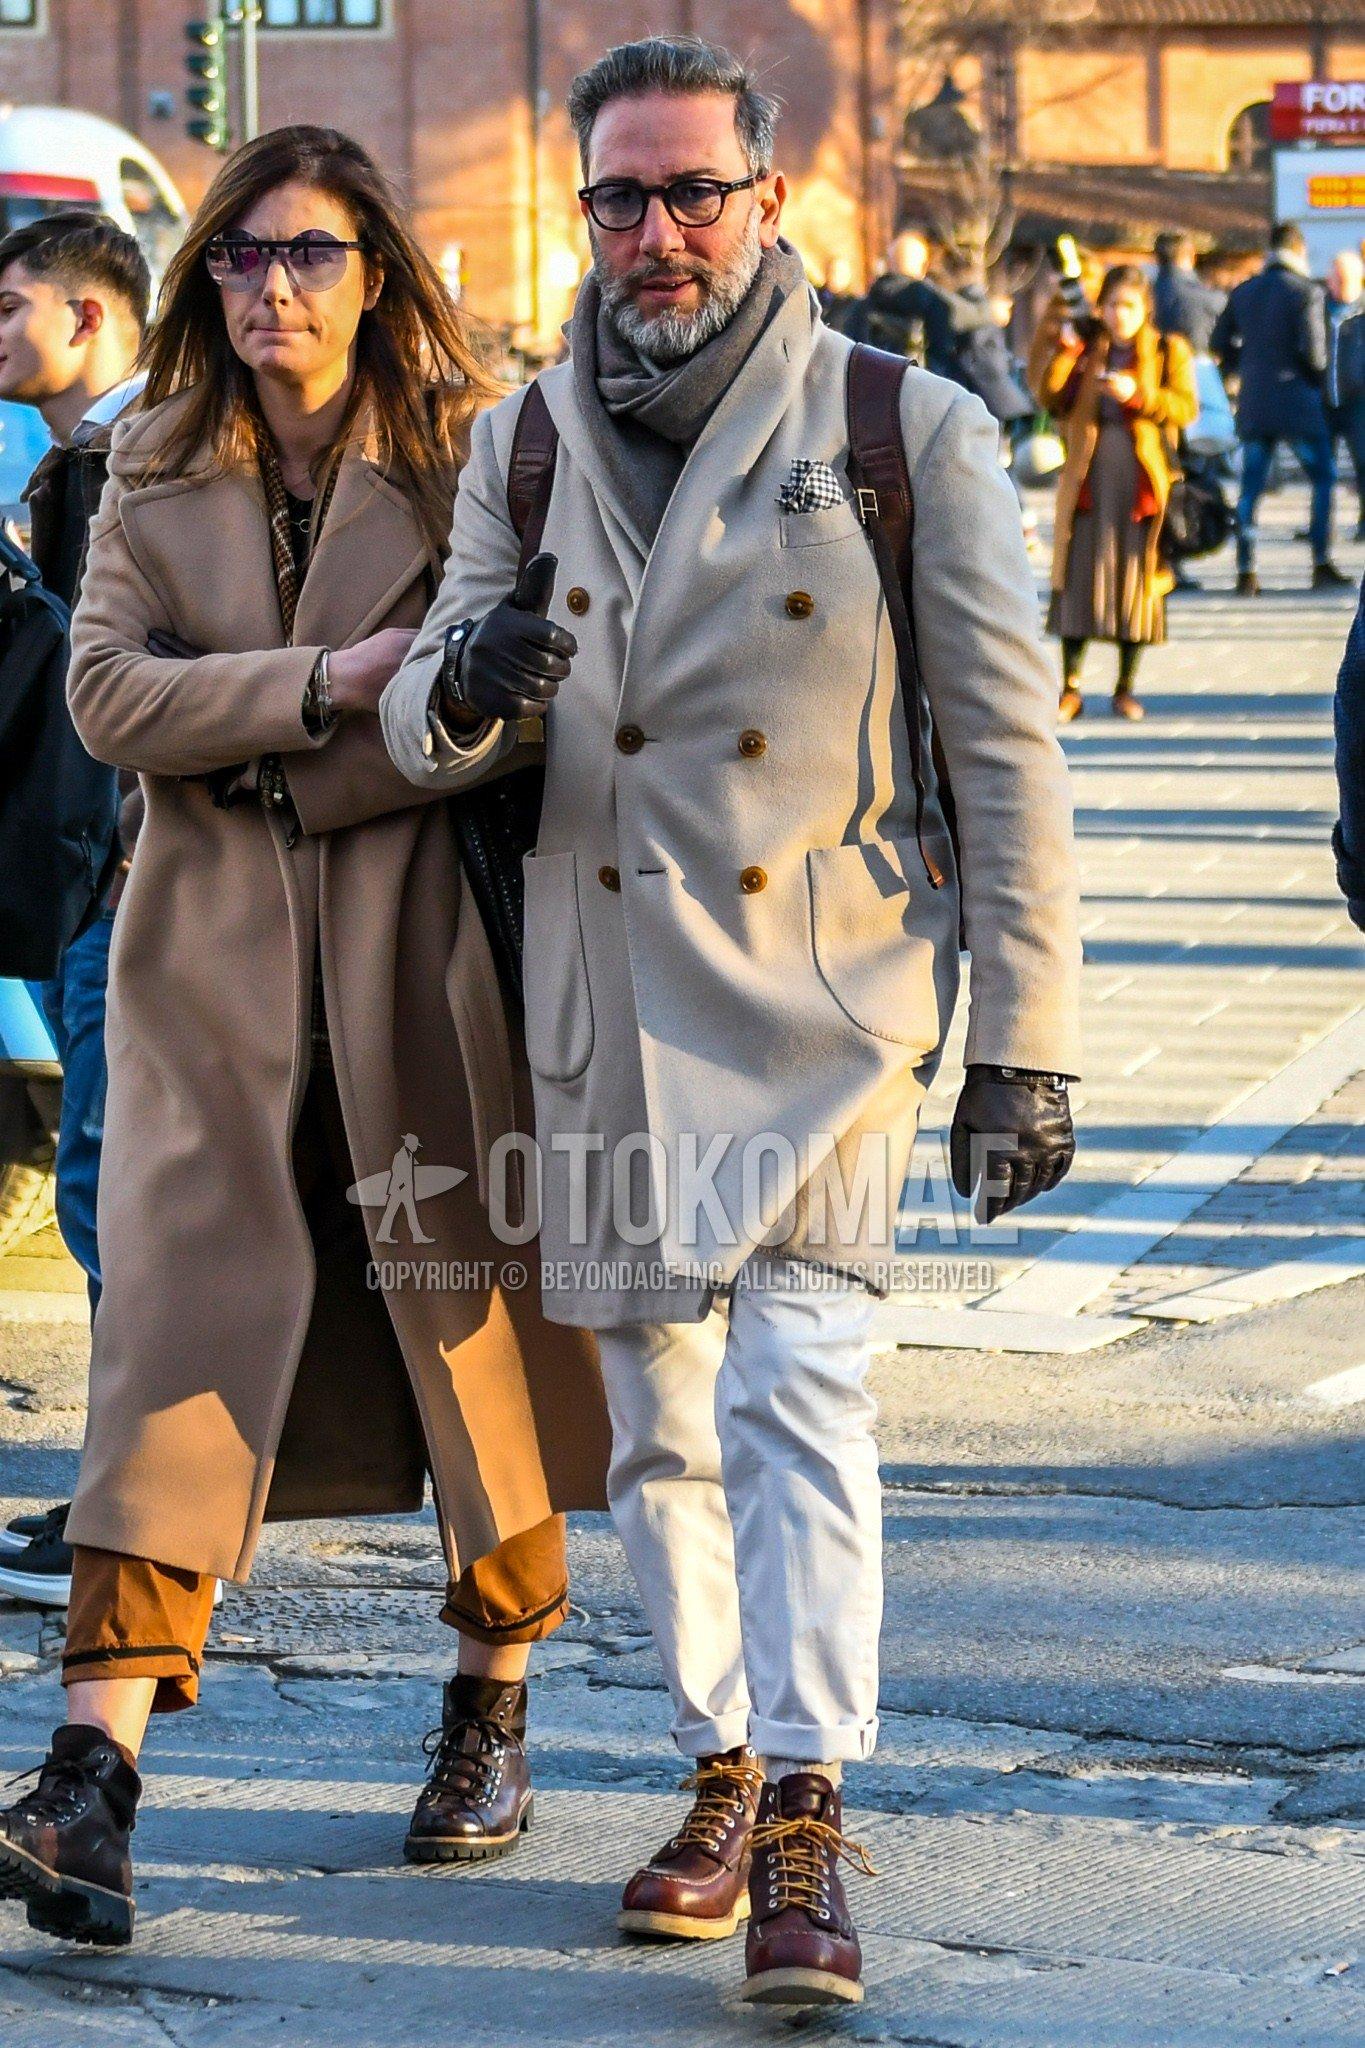 無地のメガネ、グレー無地のマフラー/ストール、ベージュ無地のチェスターコート、白無地のコットンパンツ、ブラウンワークのブーツを合わせたメンズコーデ・着こなし。